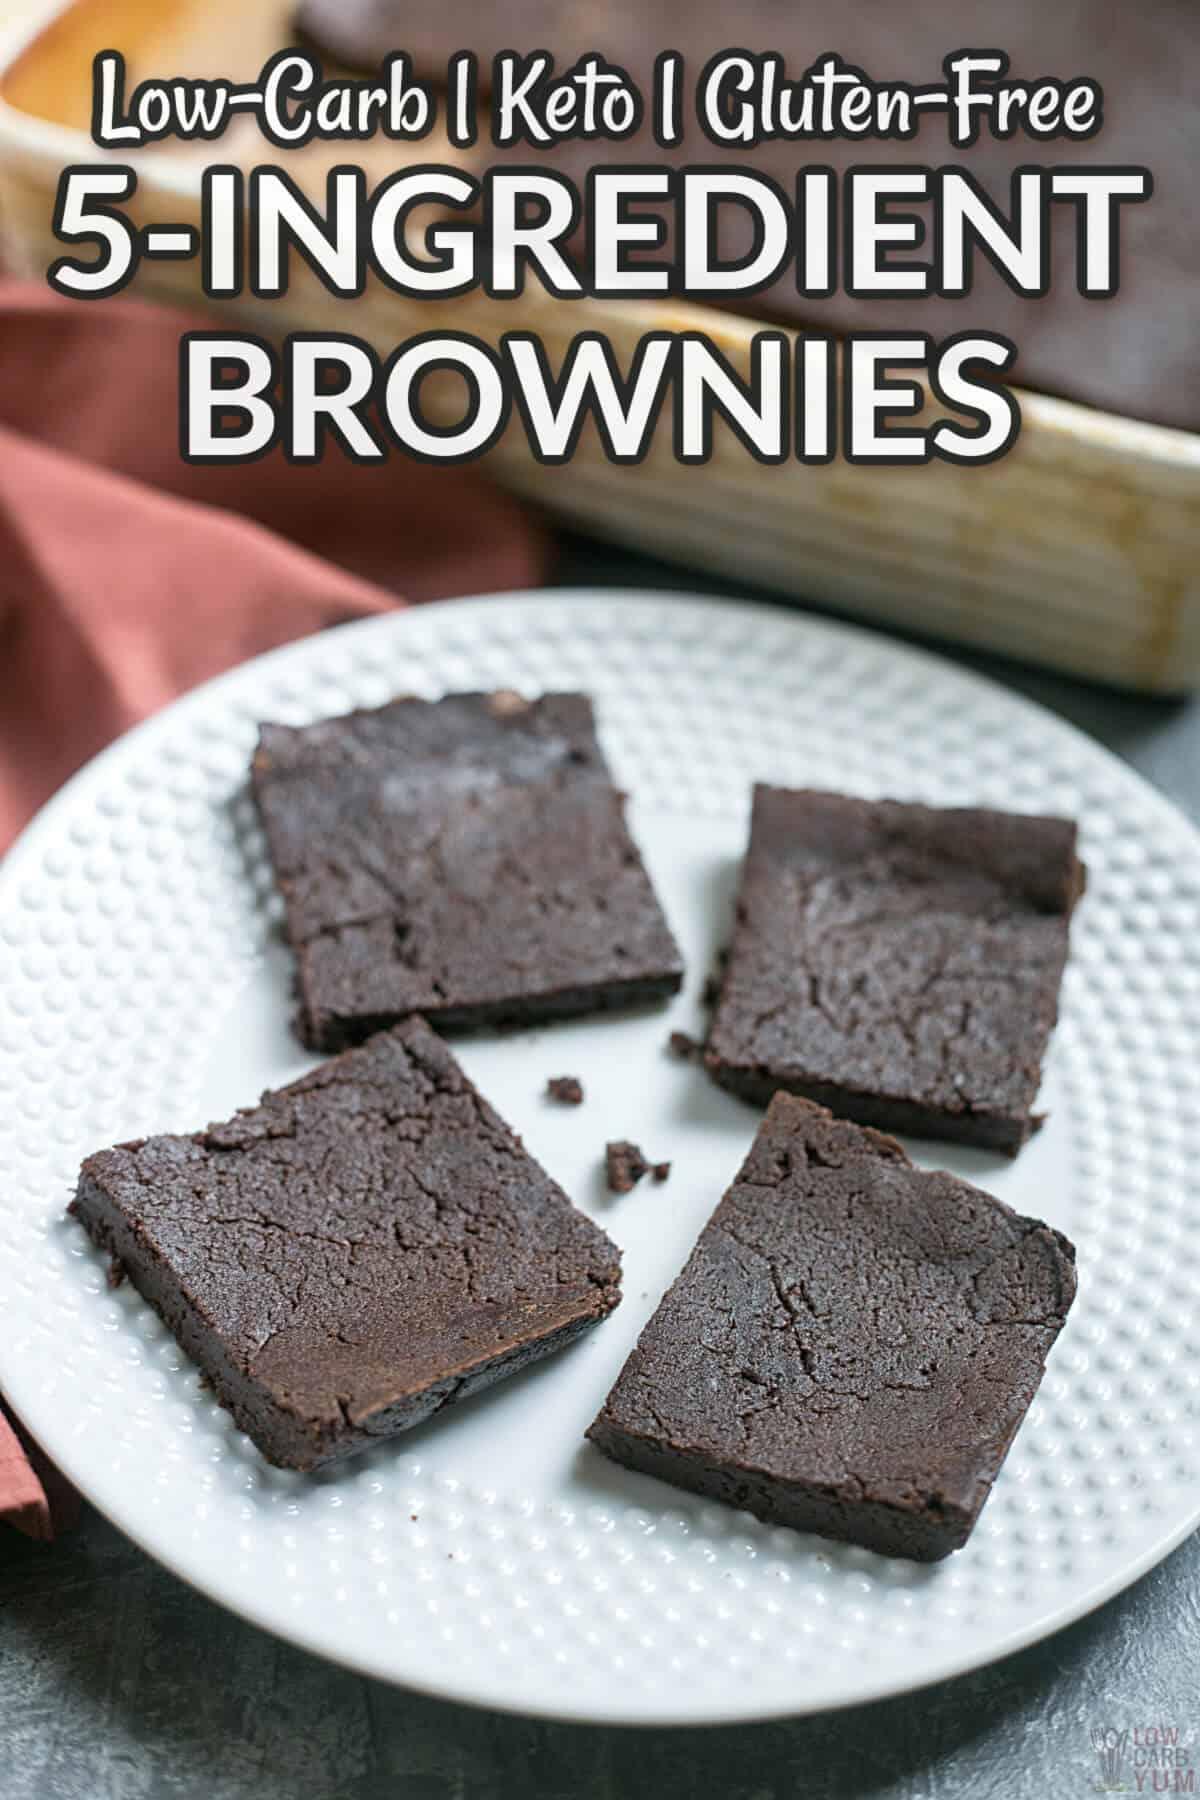 5 ingredient keto brownies cover image